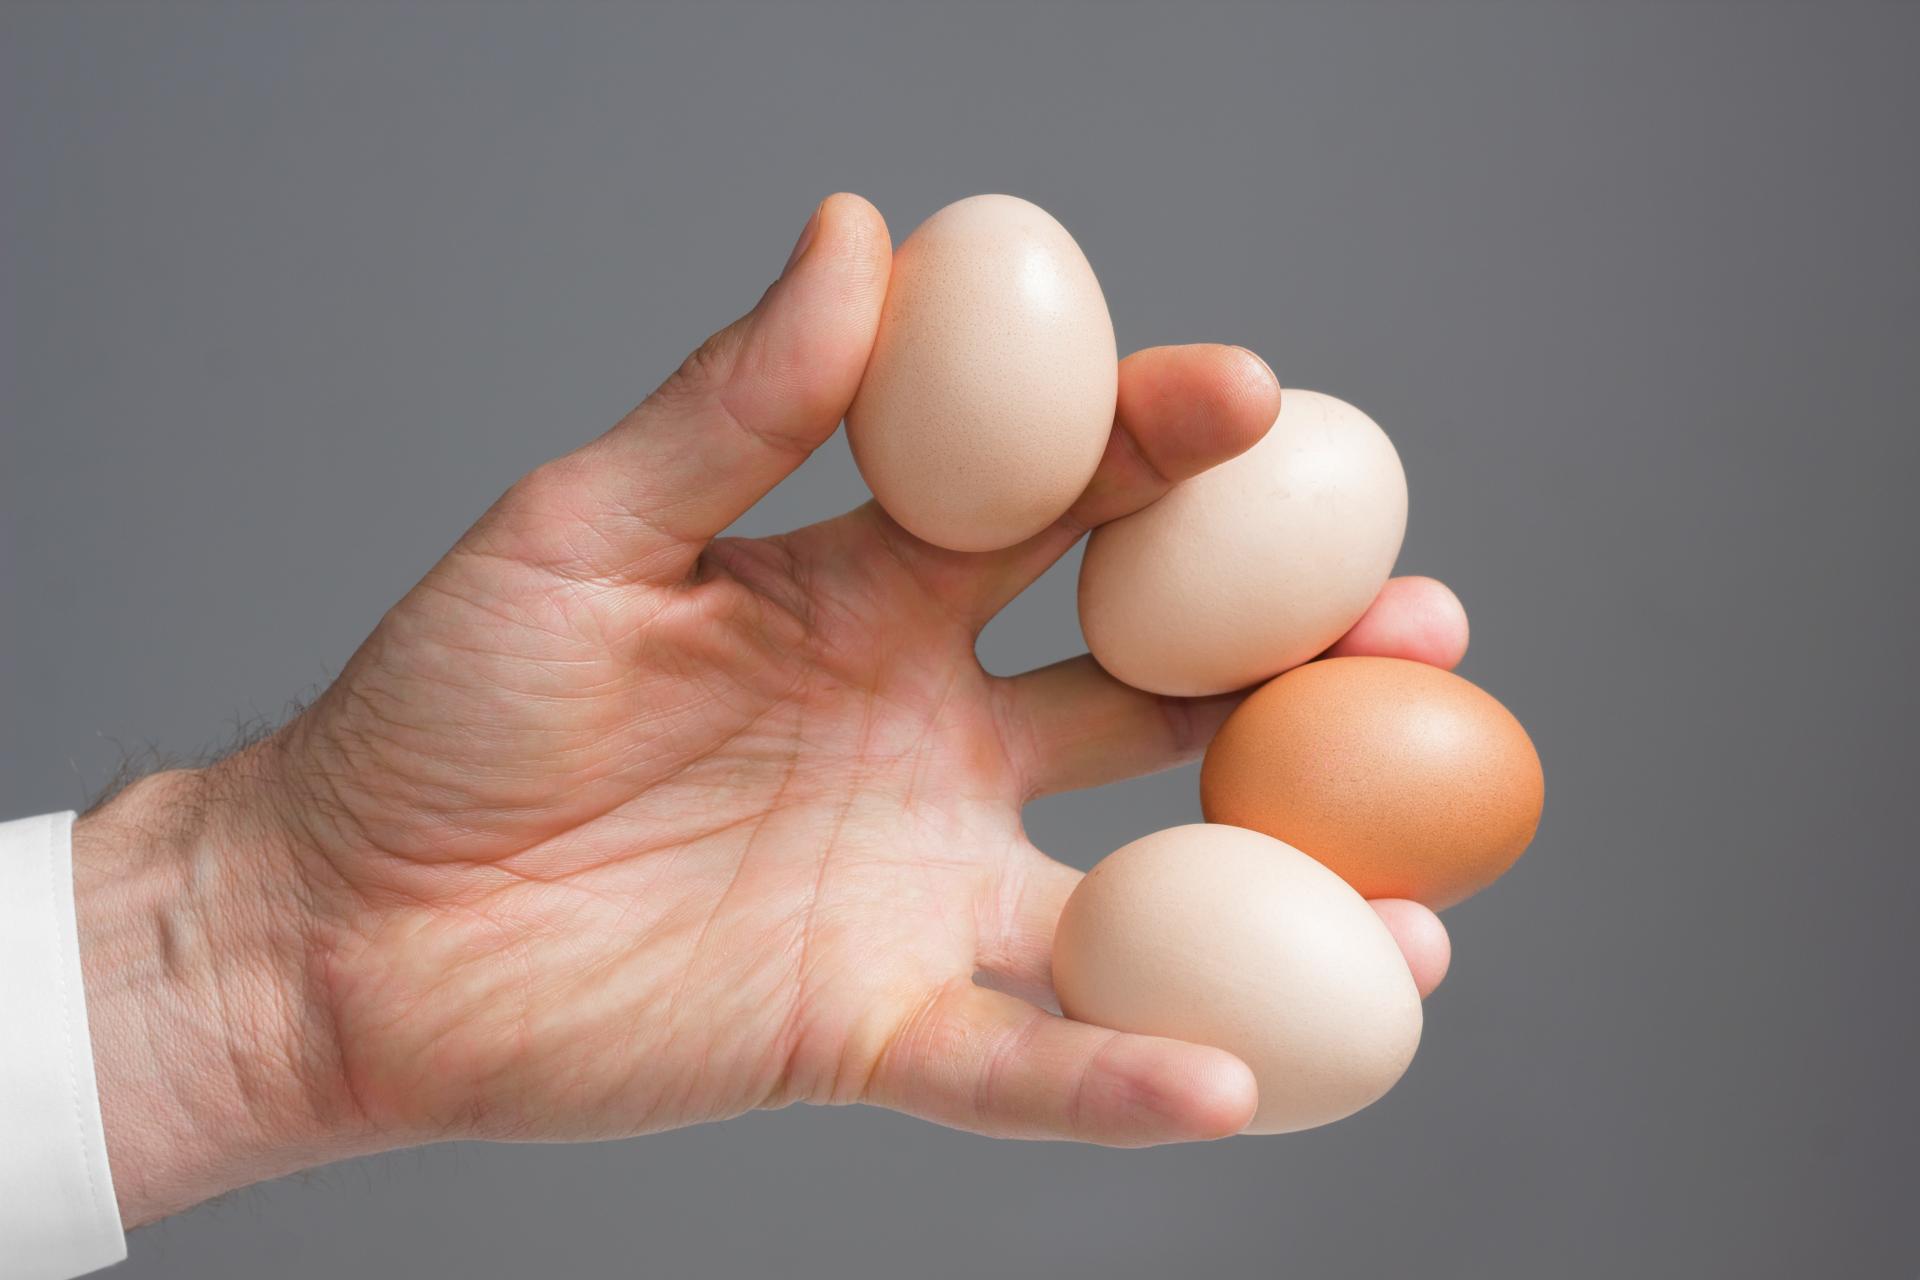 Заговор с яйцом, чтобы выиграть крупную сумму денег